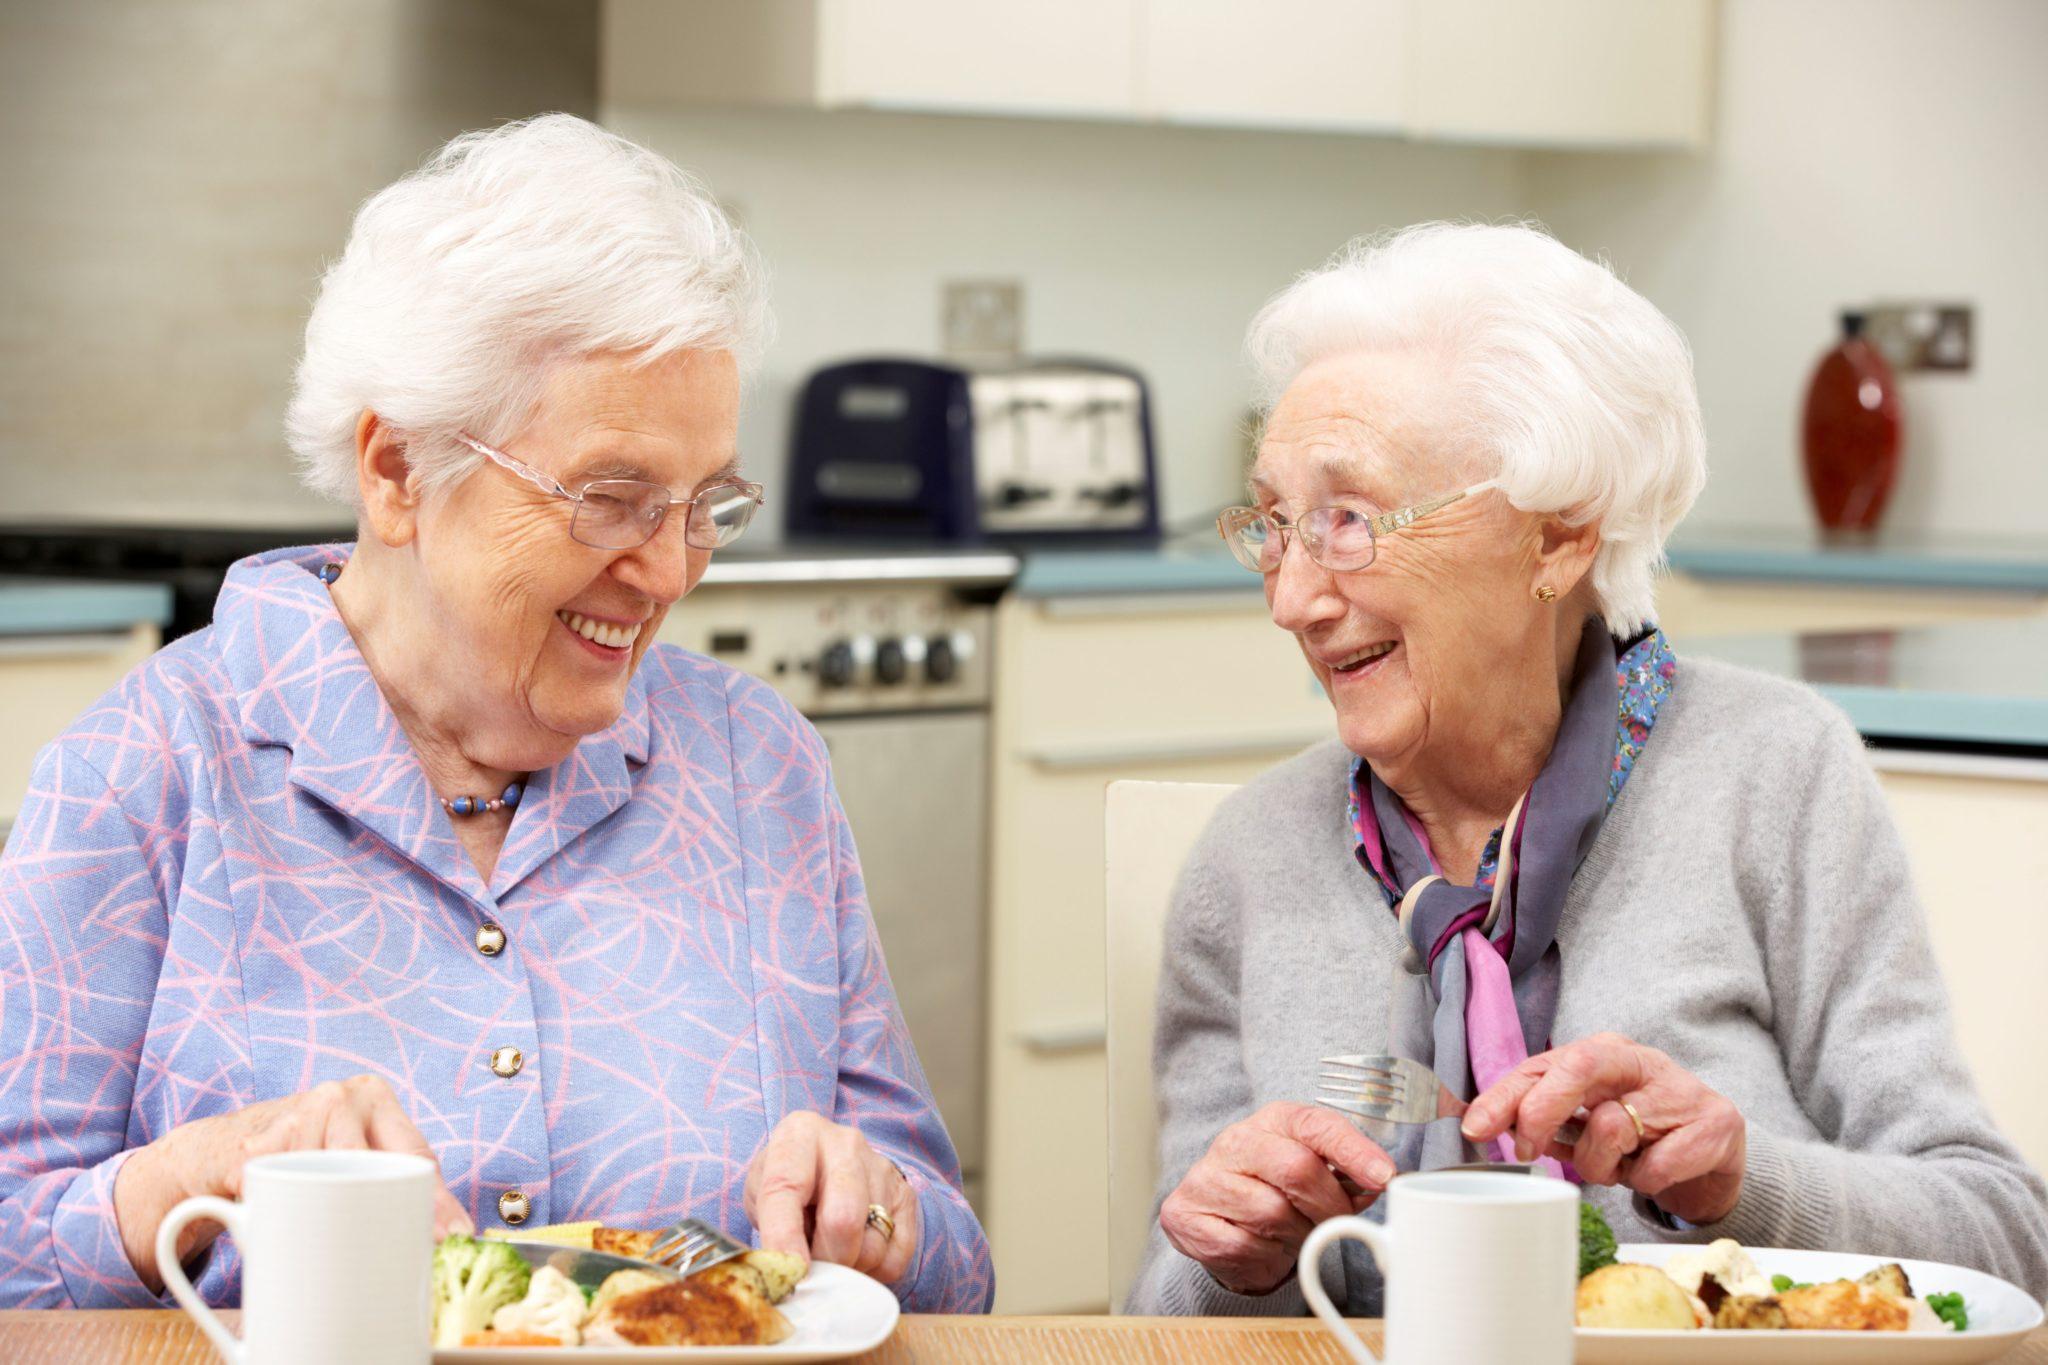 Zwei Seniorinnen essen gemeinsam zu Mittag.